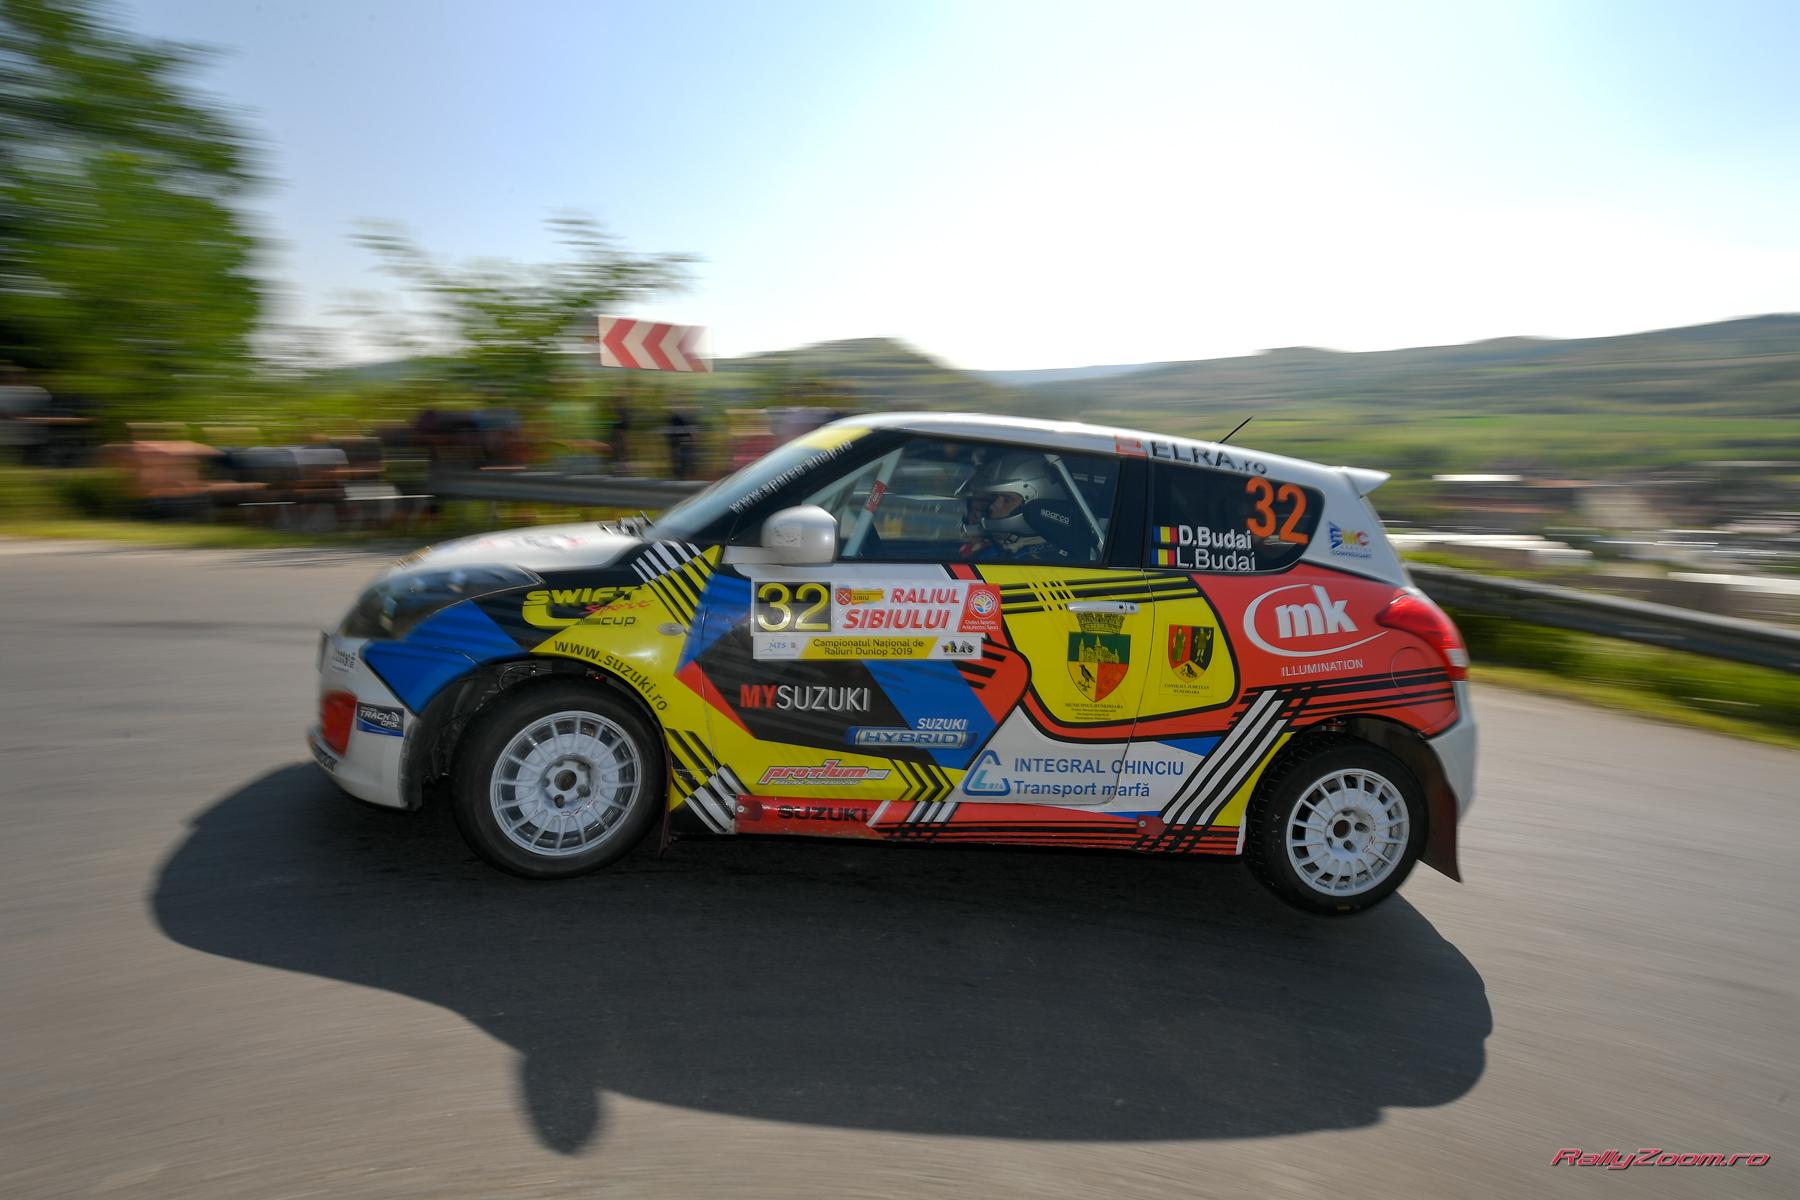 Prima victorie pe asfalt pentru Danut si Lucian Budai in Cupa Suzuki